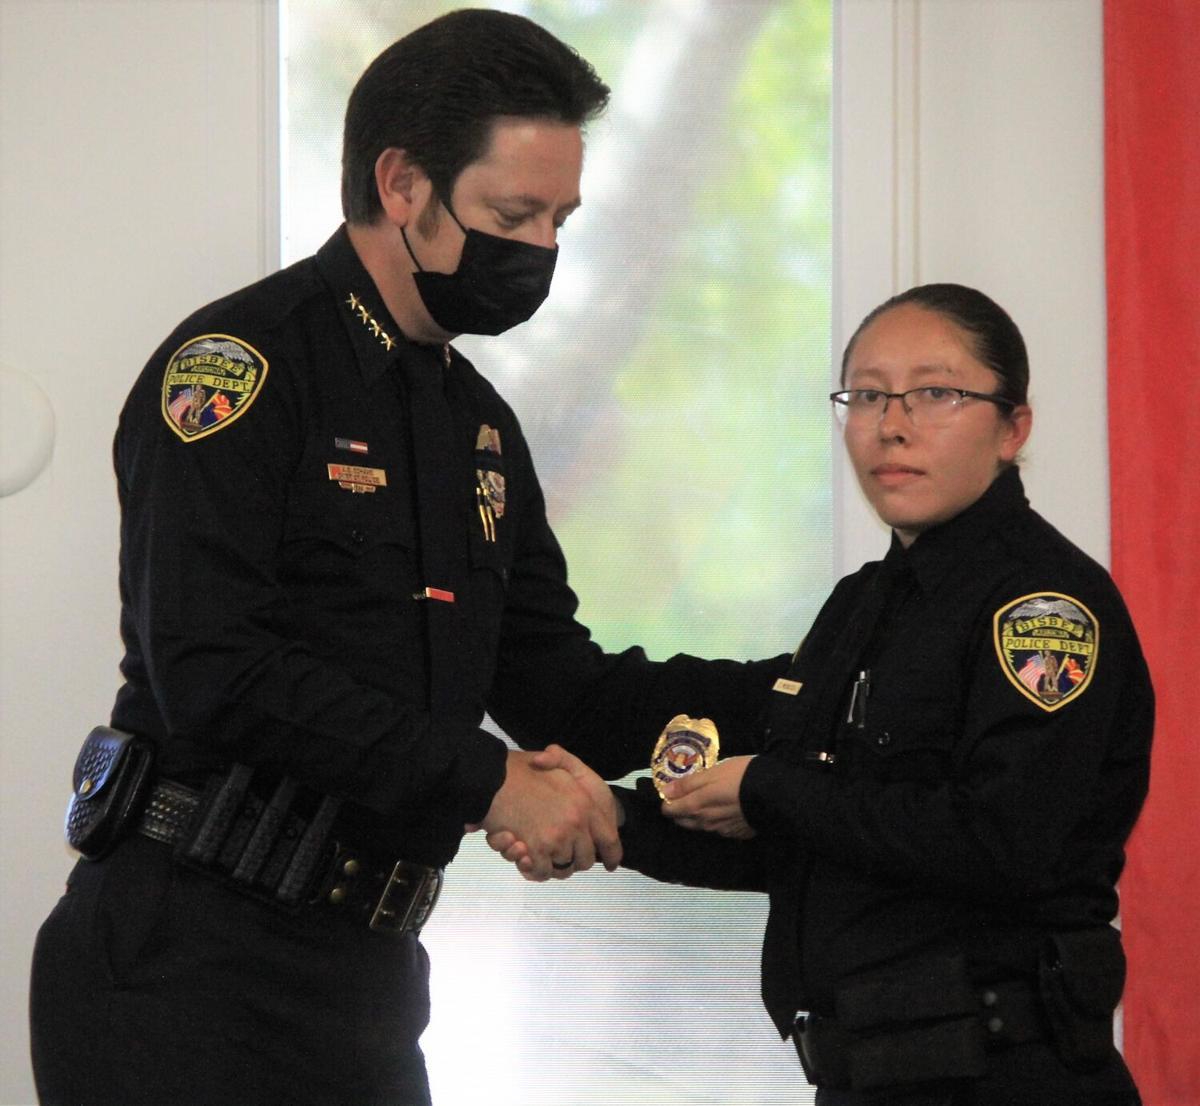 Cochise College holds law enforcement graduation ceremony